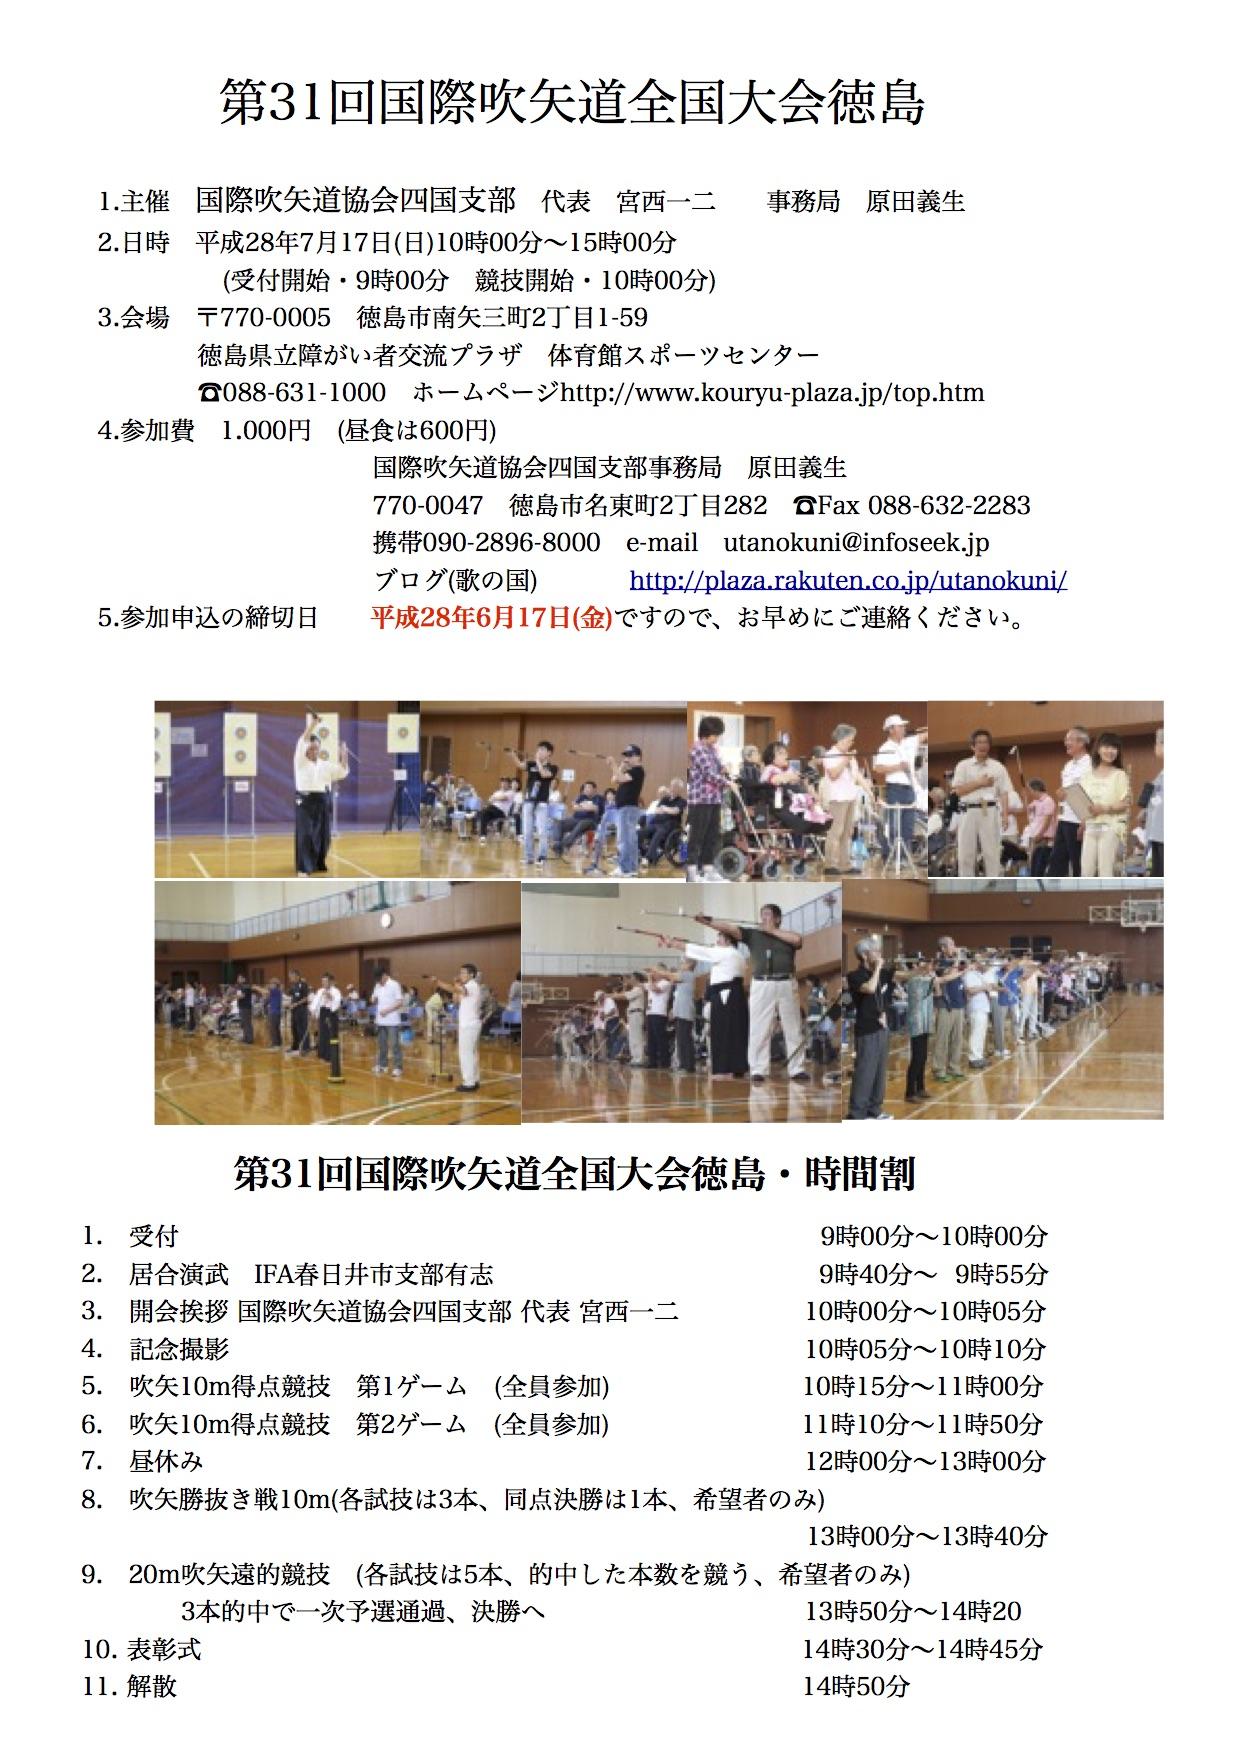 第31回IFA全国大会徳島 .jpg